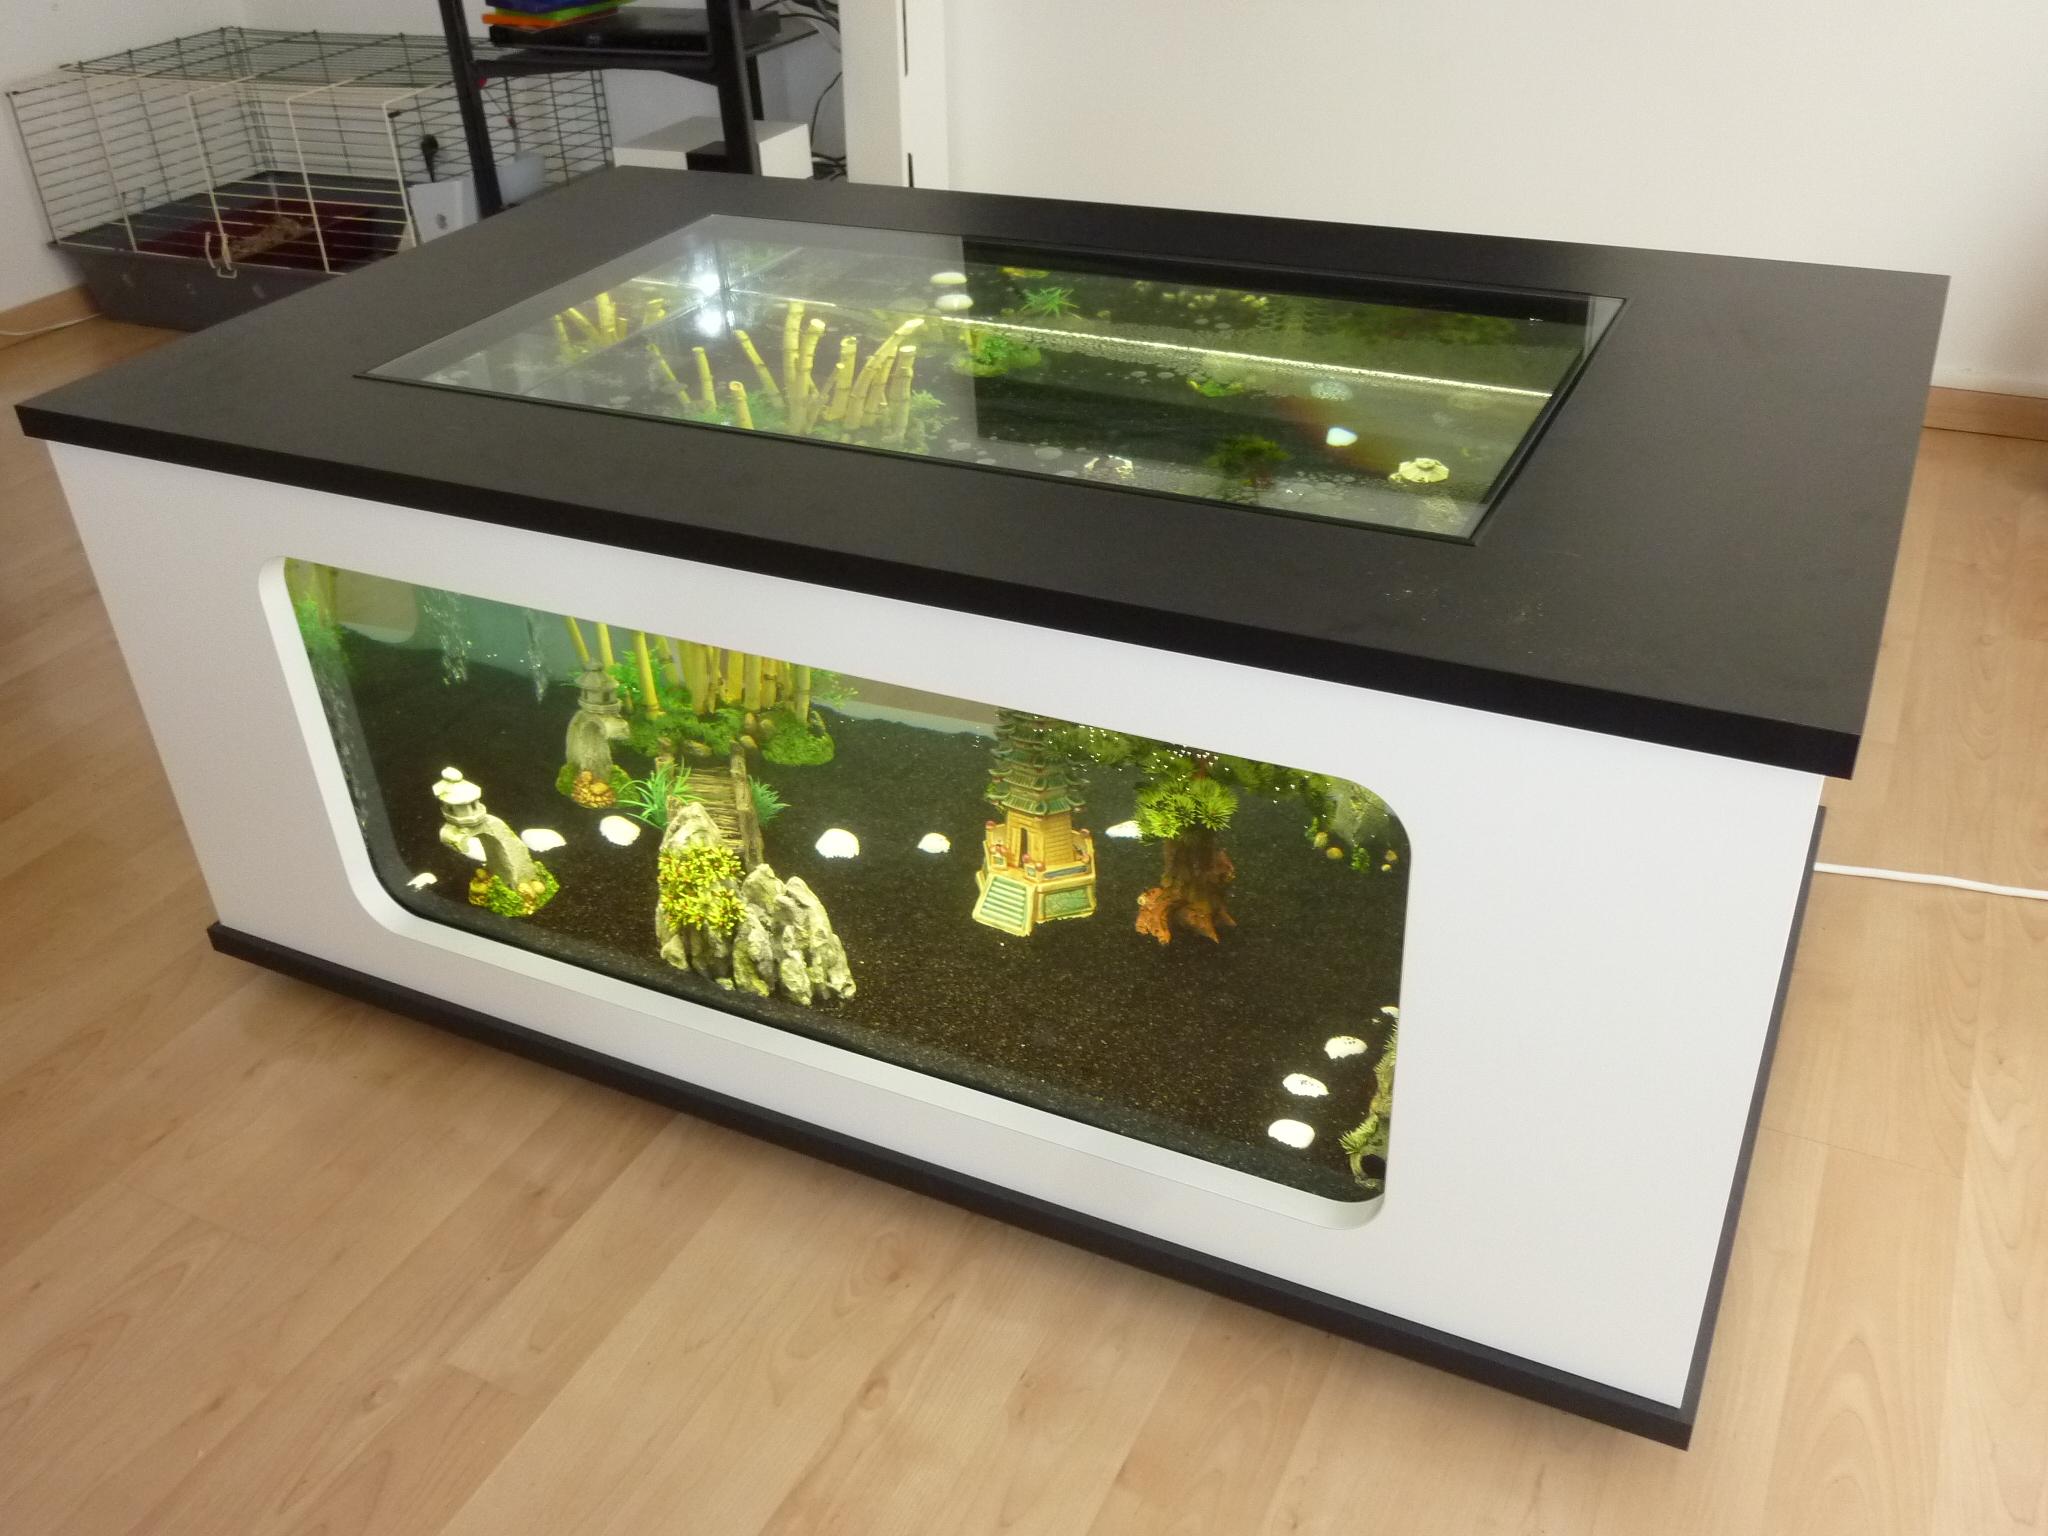 Table basse aquarium blanche